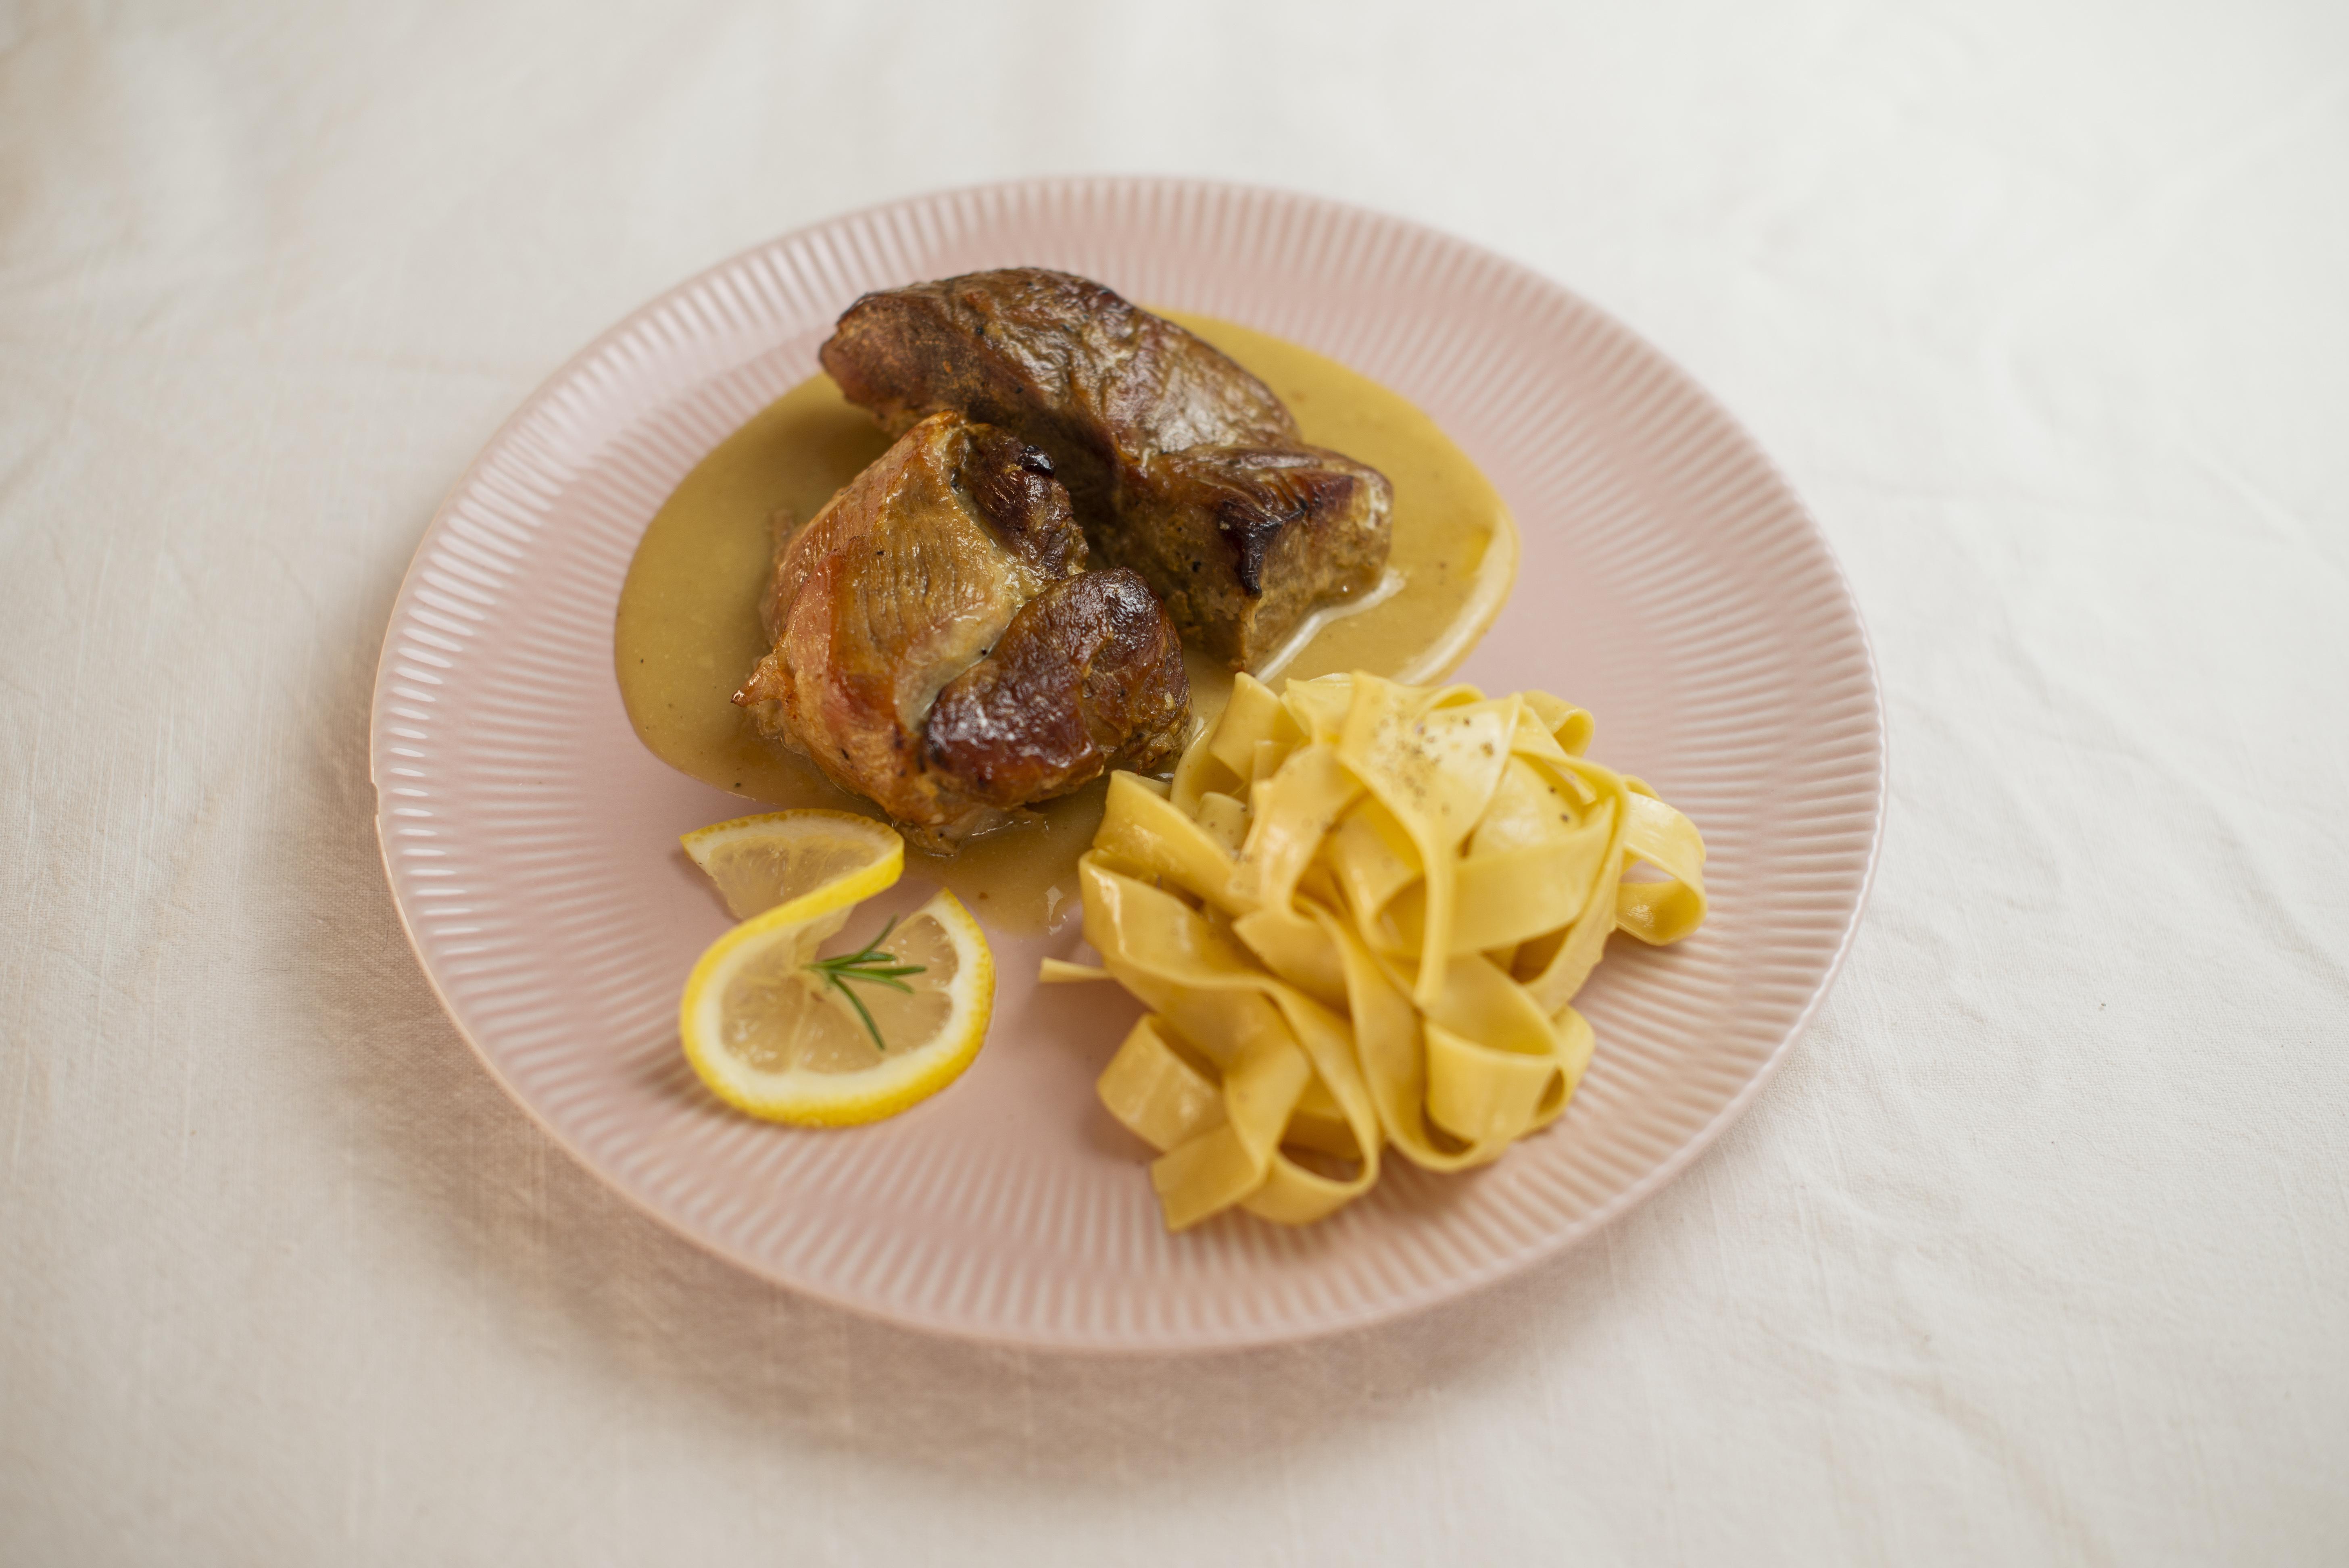 Paleta suína ao molho de vinho branco e laranja - uma das sugestões de prato principal.